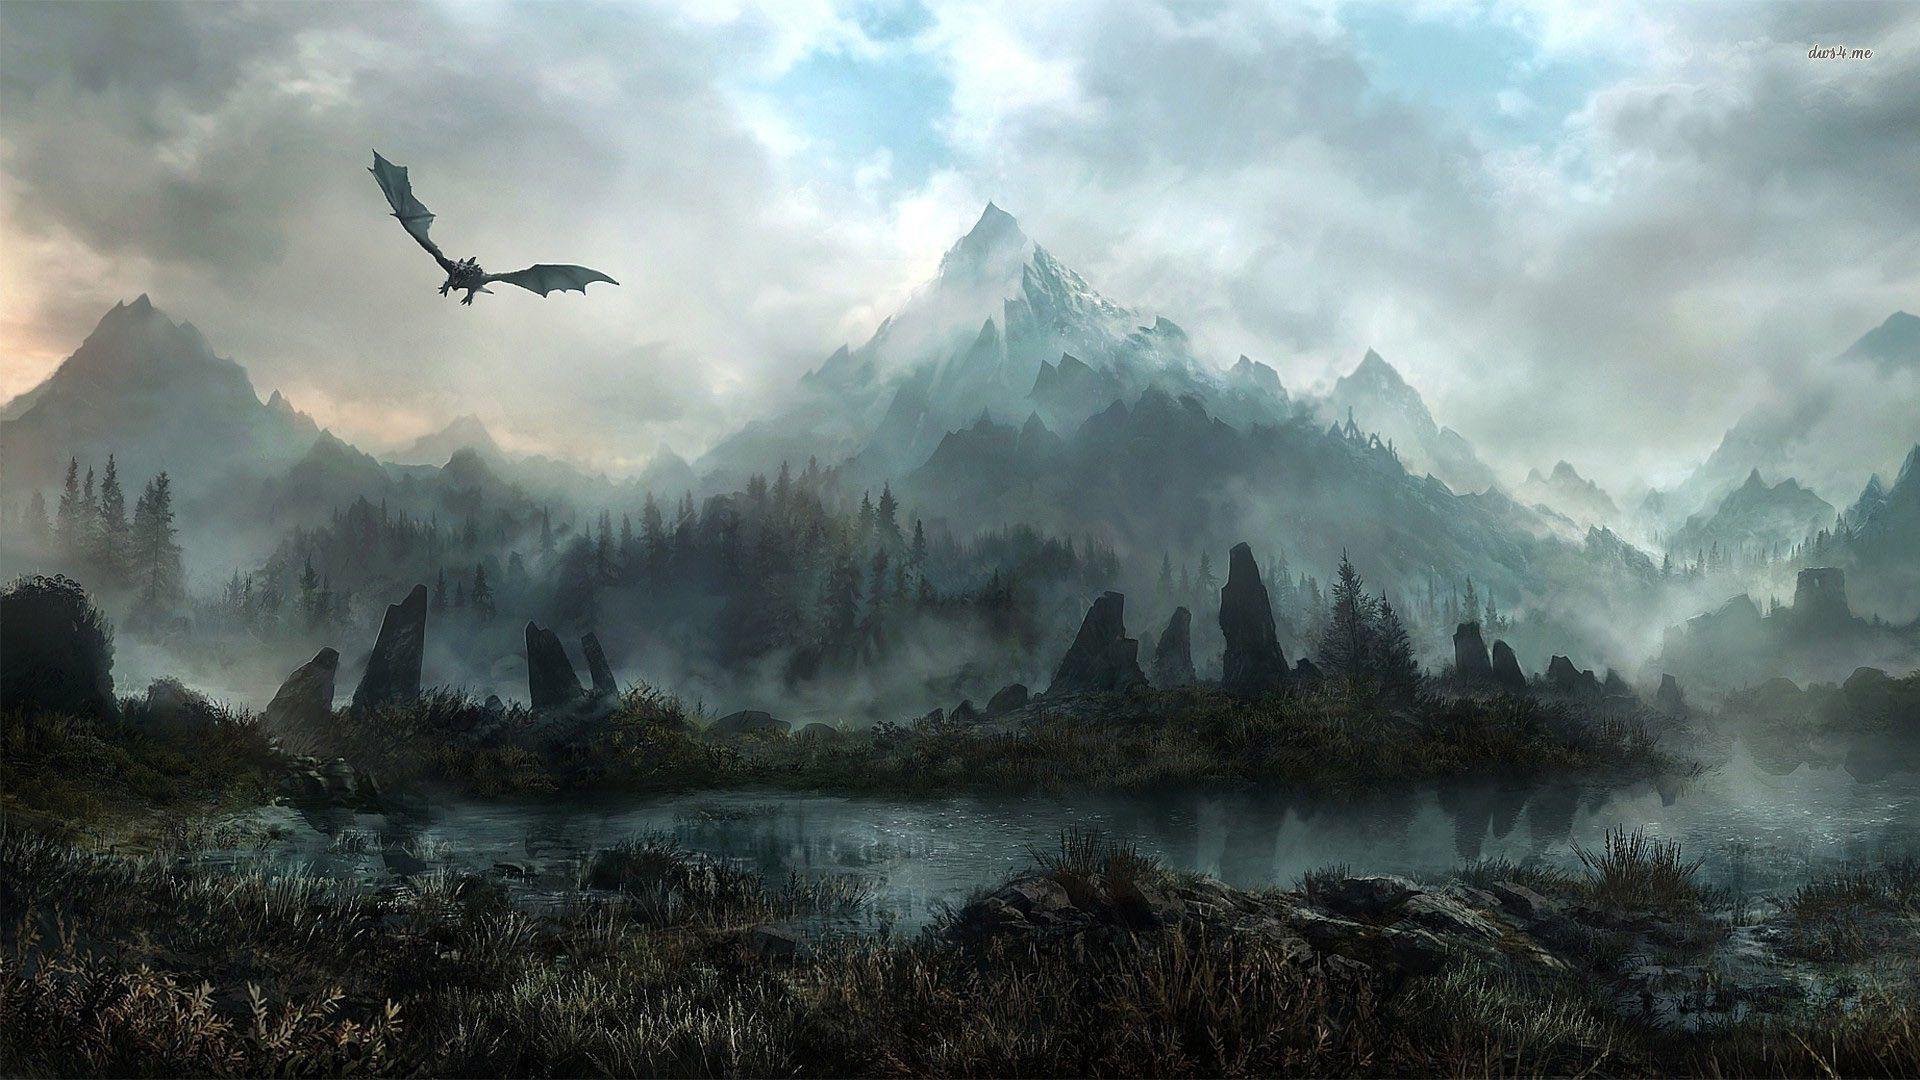 The Elder Scrolls V Skyrim Wallpaper Game Wallpapers Fantasy Landscape Skyrim Wallpaper Skyrim Art